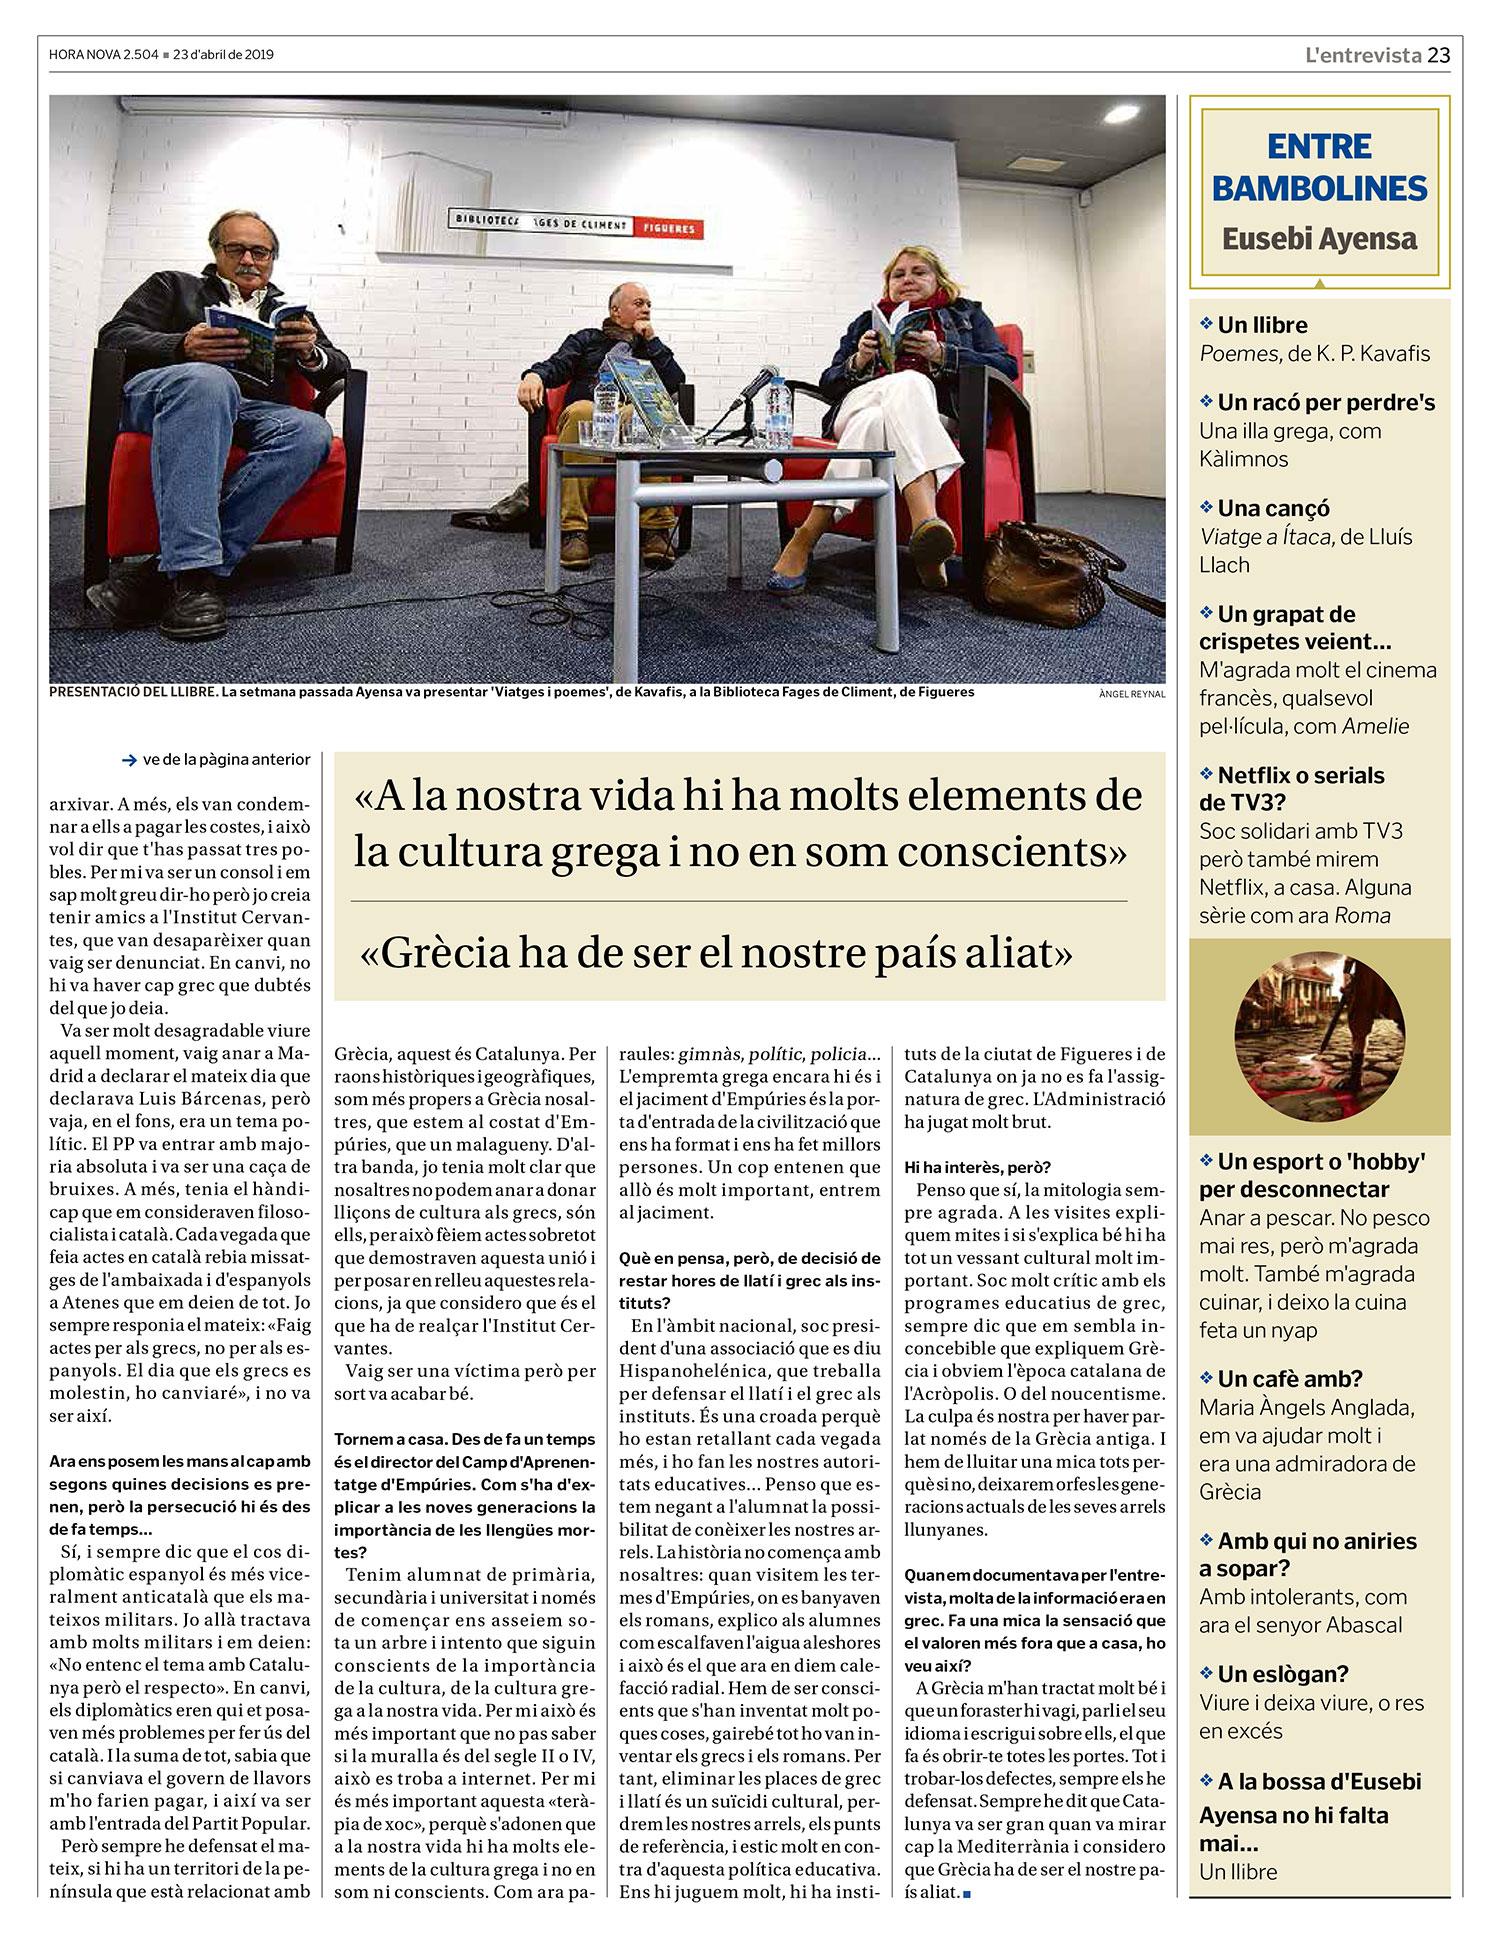 Entrevista a Eusebi Ayensa